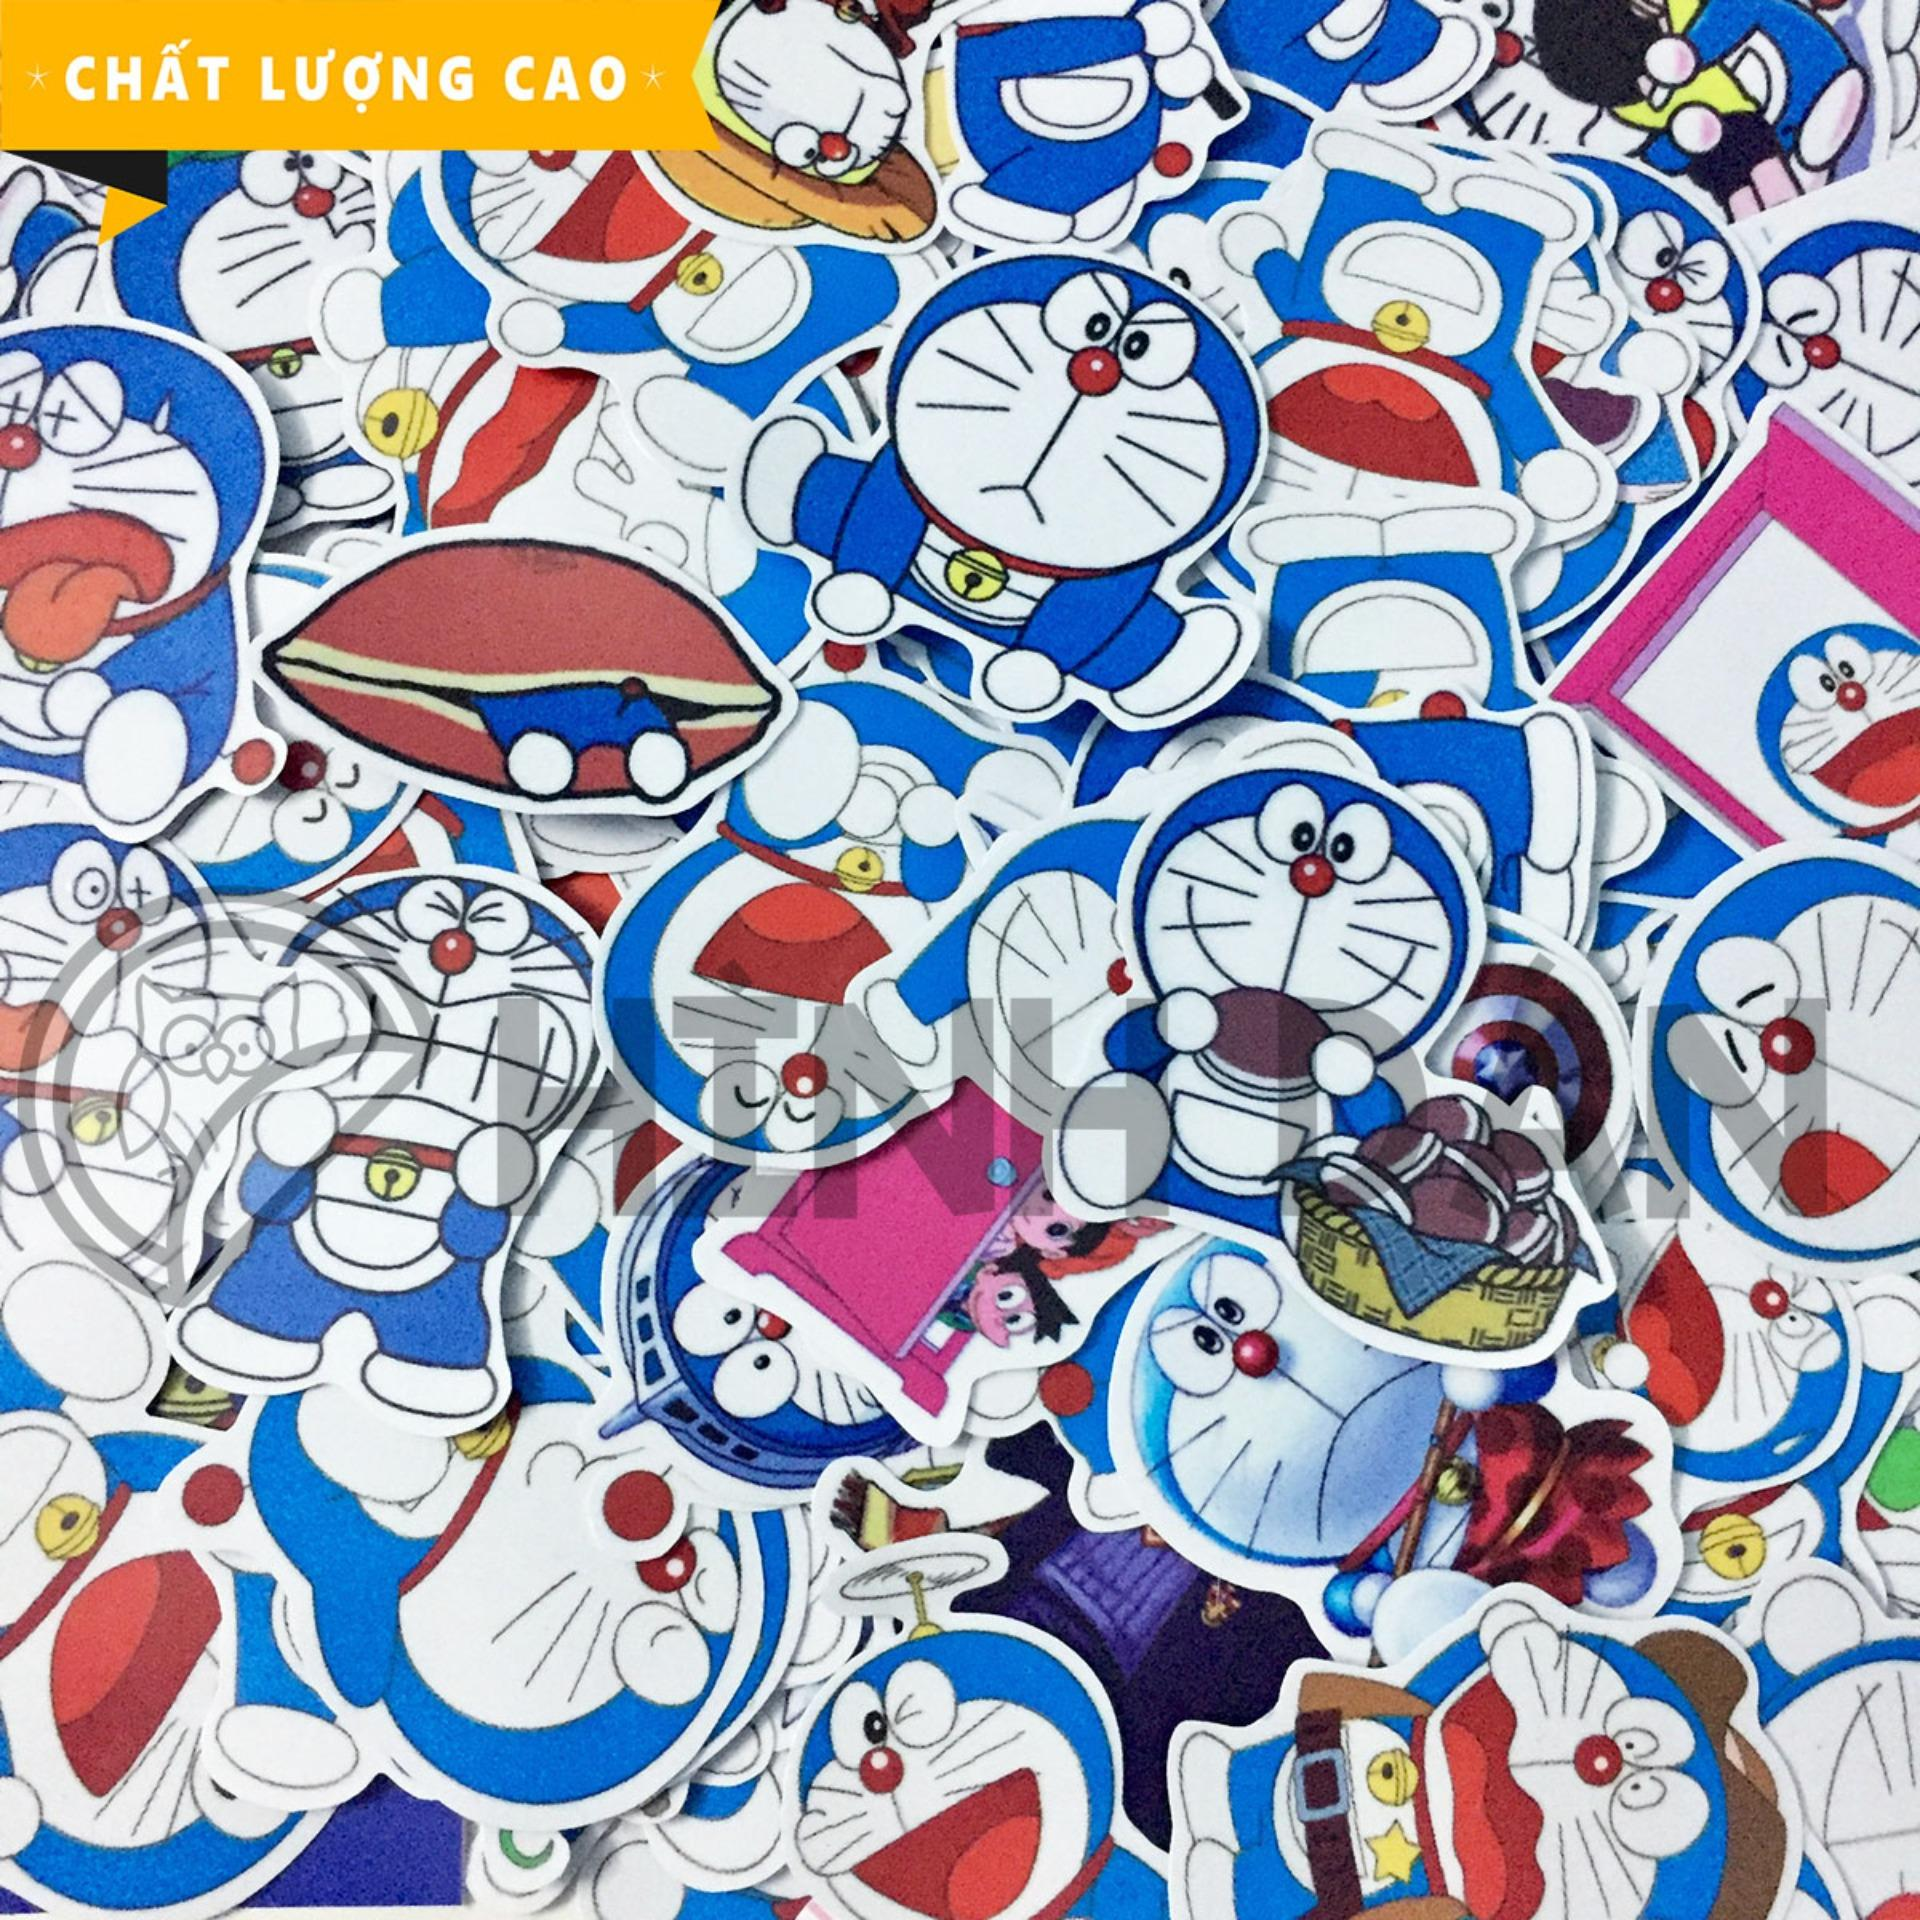 Hình ảnh Bộ Sticker Chủ Đề Doraemon (2018) Hình Dán Decal Chất Lượng Cao Chống Nước Trang Trí Va Li, Xe, Laptop, Nón Bảo Hiểm, Máy Tính, Tủ Quần Áo